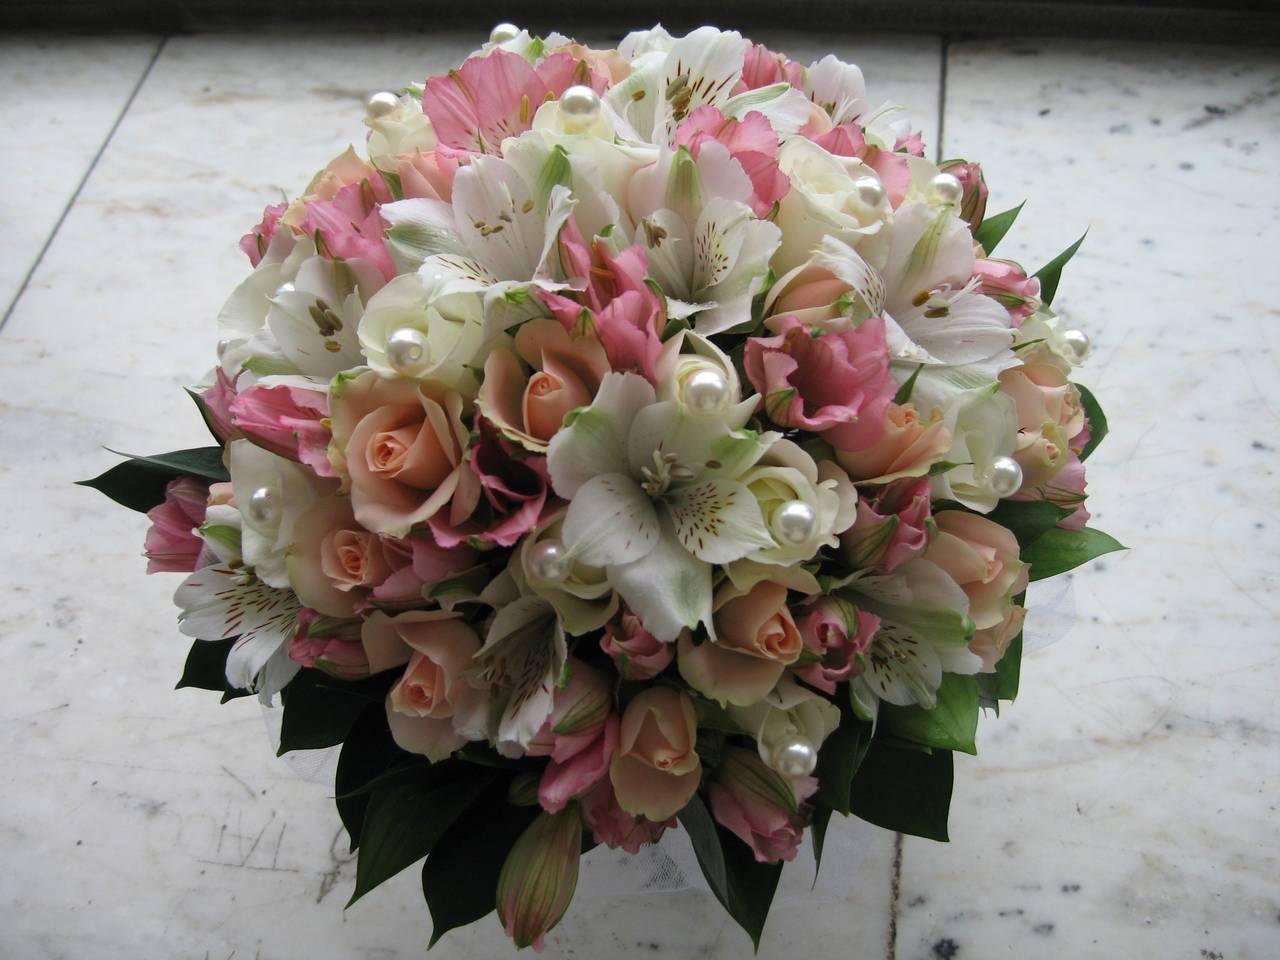 Классический букет невесты из роз и альстромерии, букеты гербер